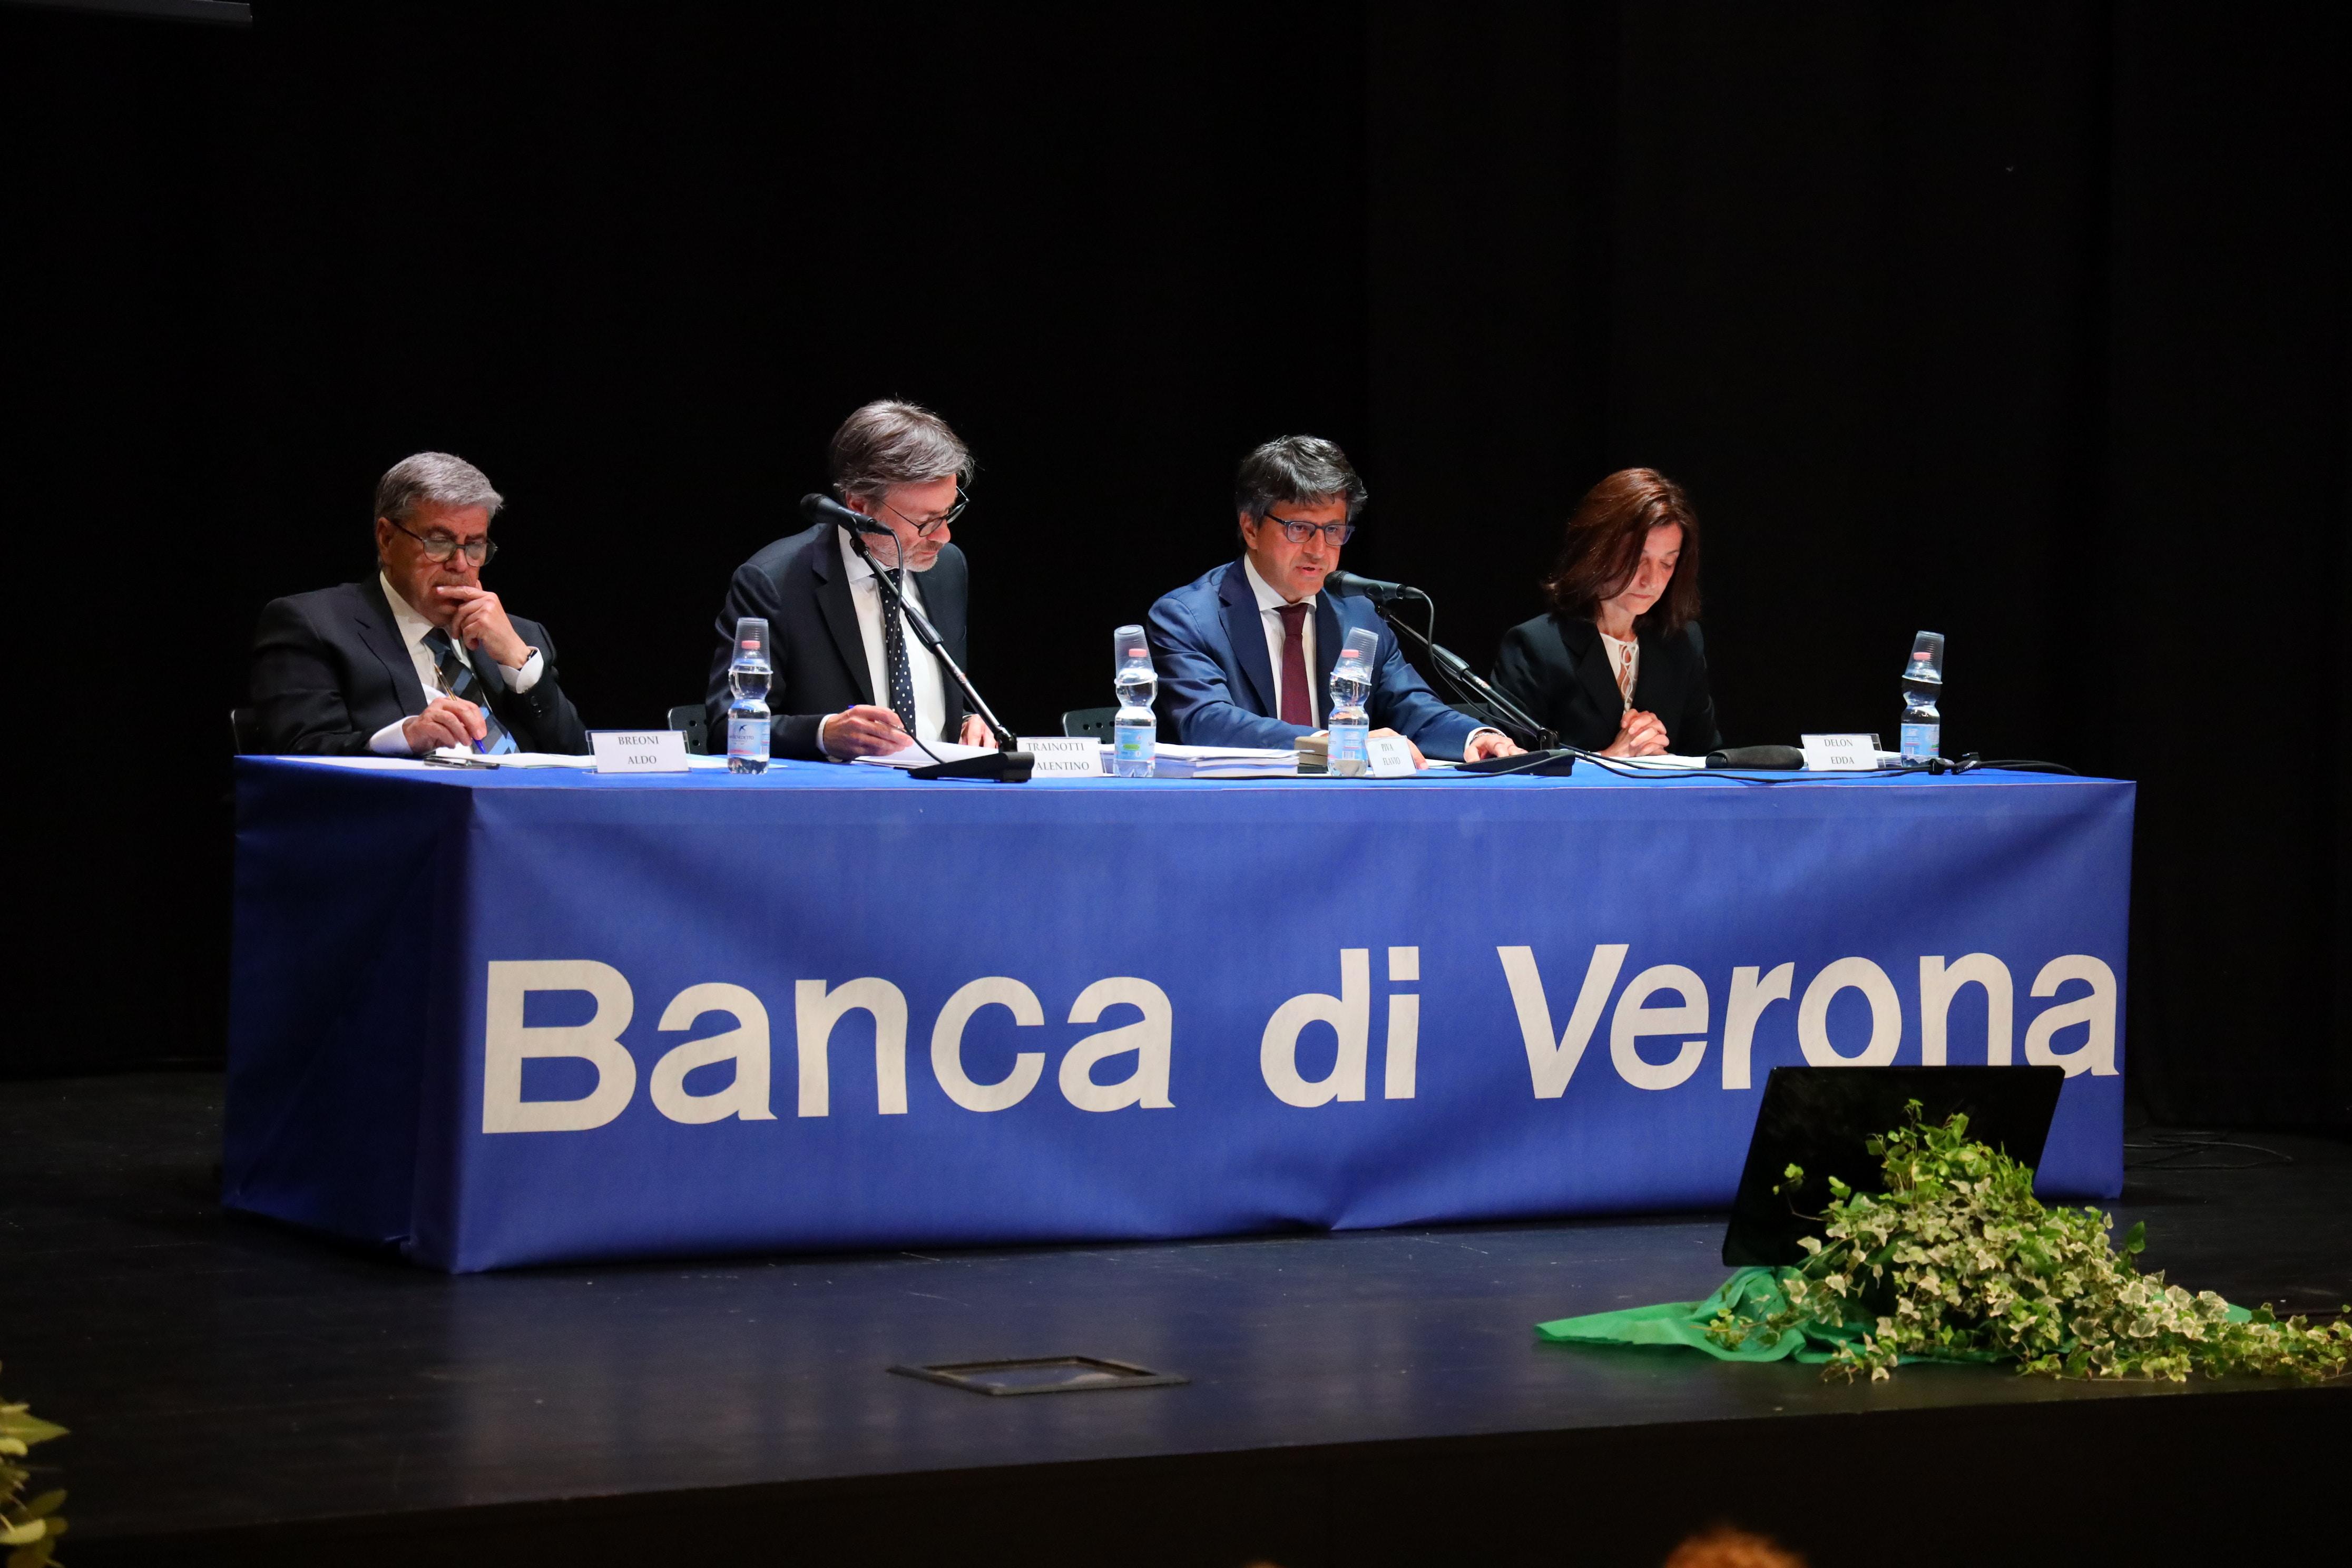 tavolo-banca-verona-2